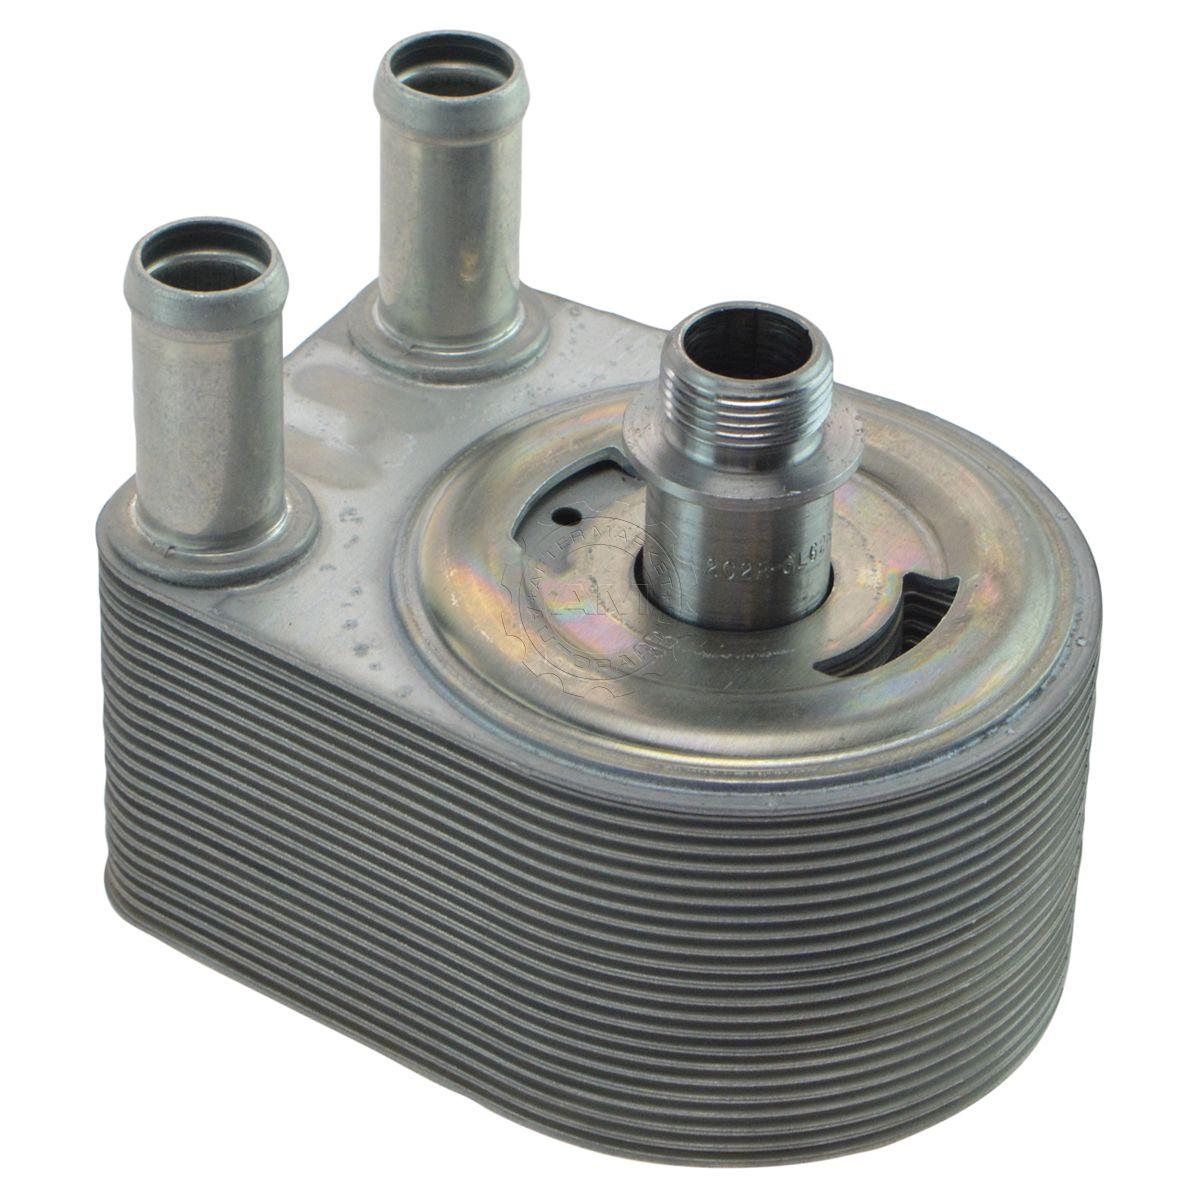 hight resolution of oem 2c2z6a642cc engine oil cooler for 05 14 ford econoline van v8 4 6l 5 4